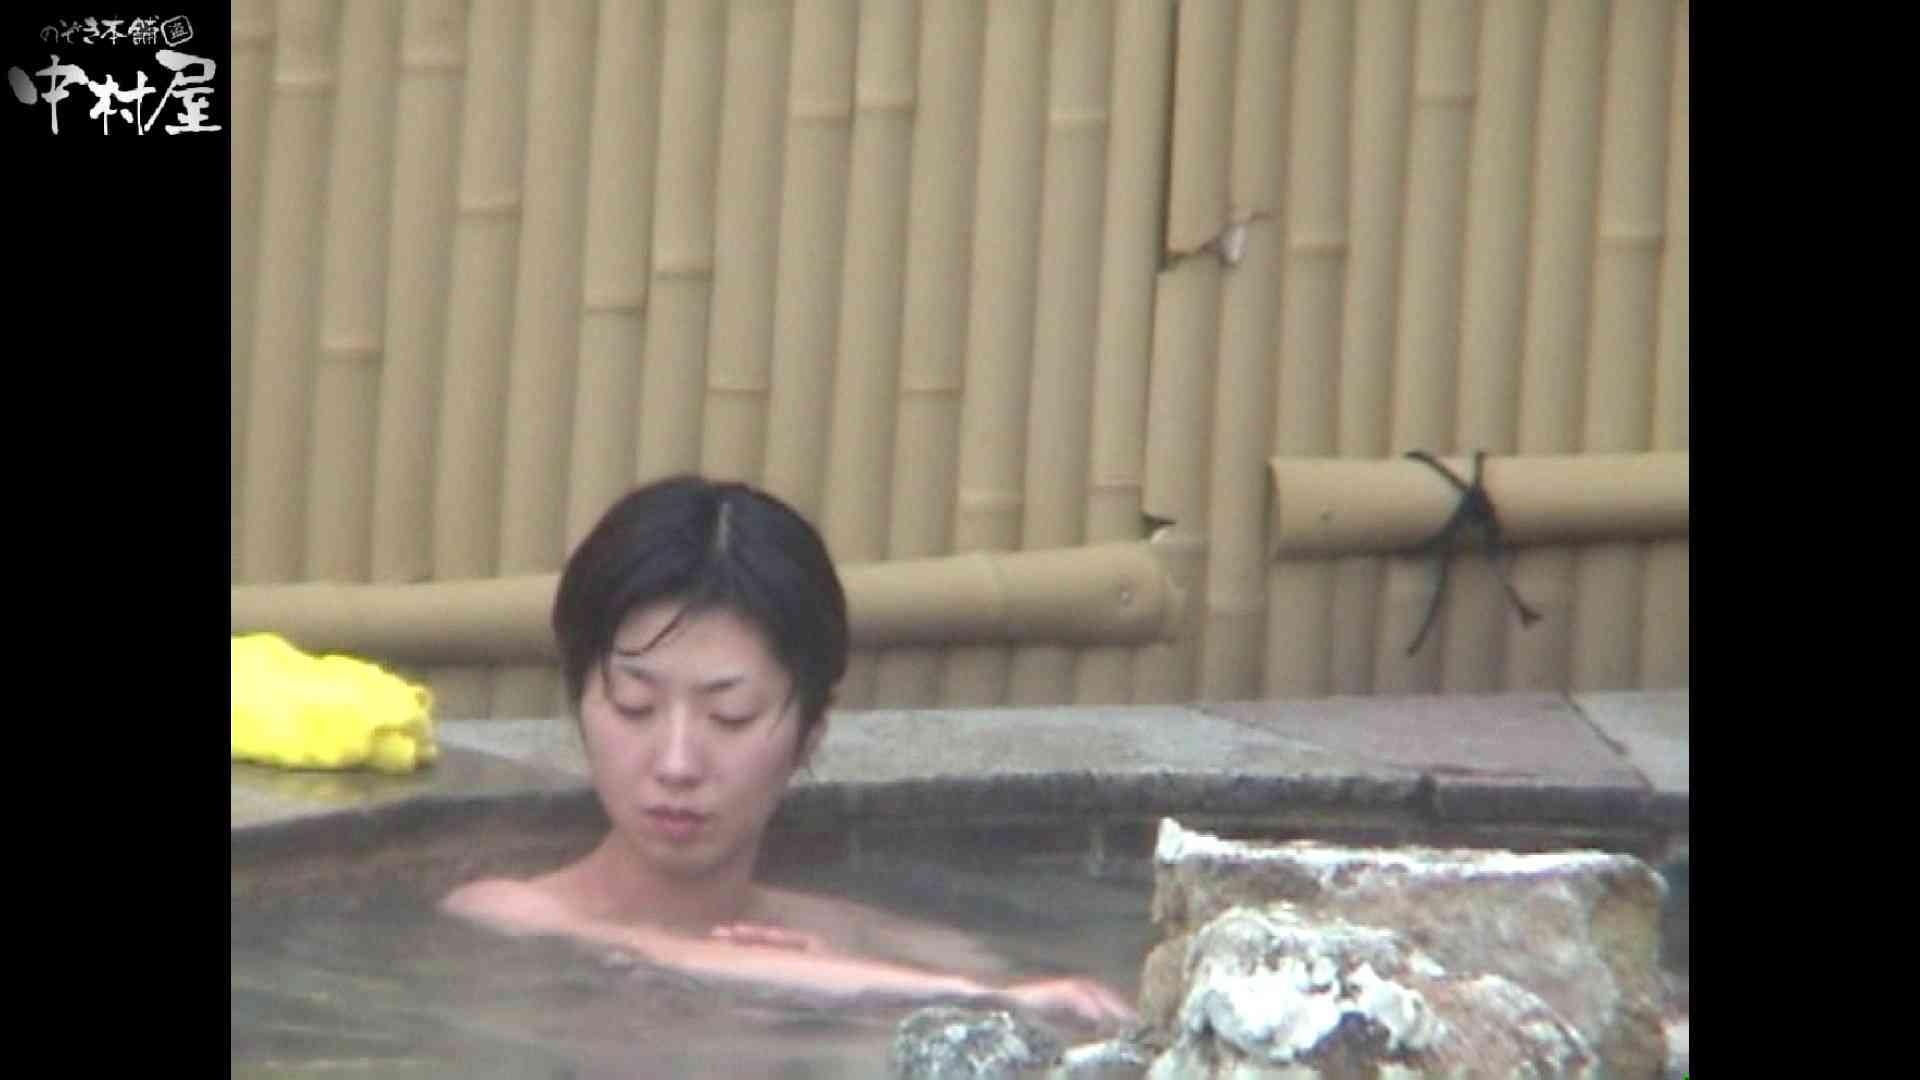 Aquaな露天風呂Vol.921 盗撮特集 | 露天  93画像 42